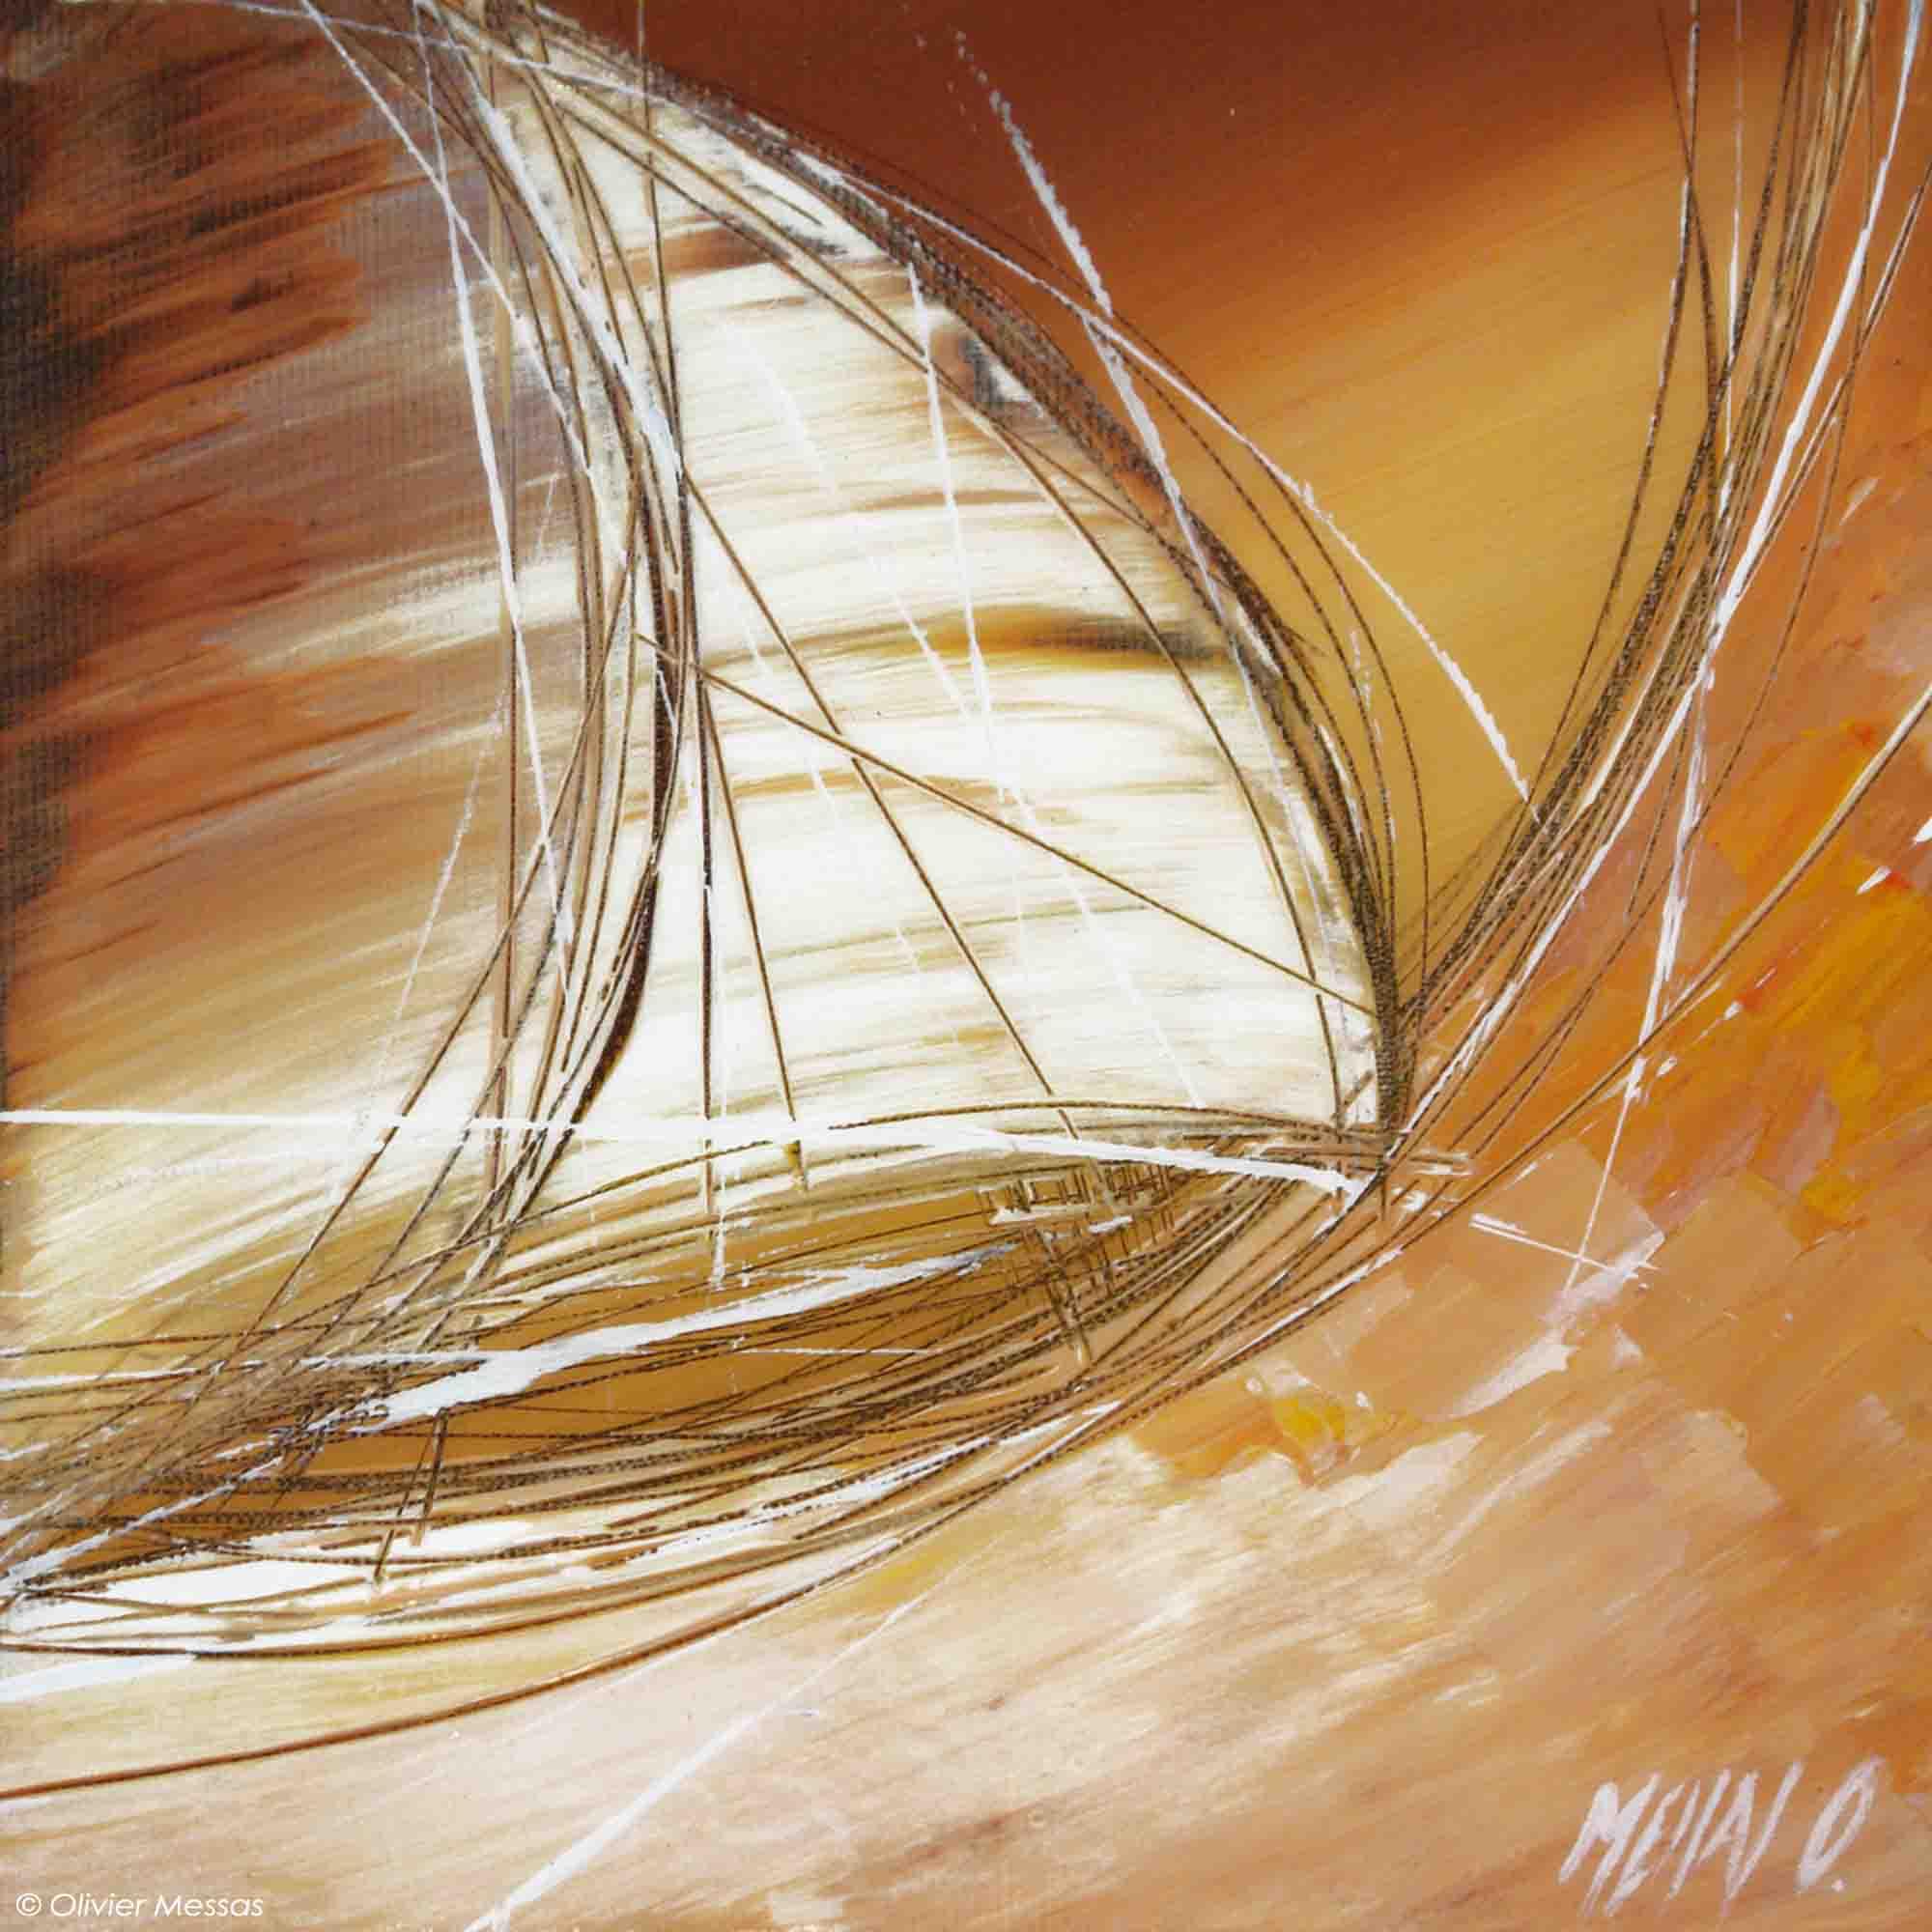 Le vent dans les voiles - 20/20cm